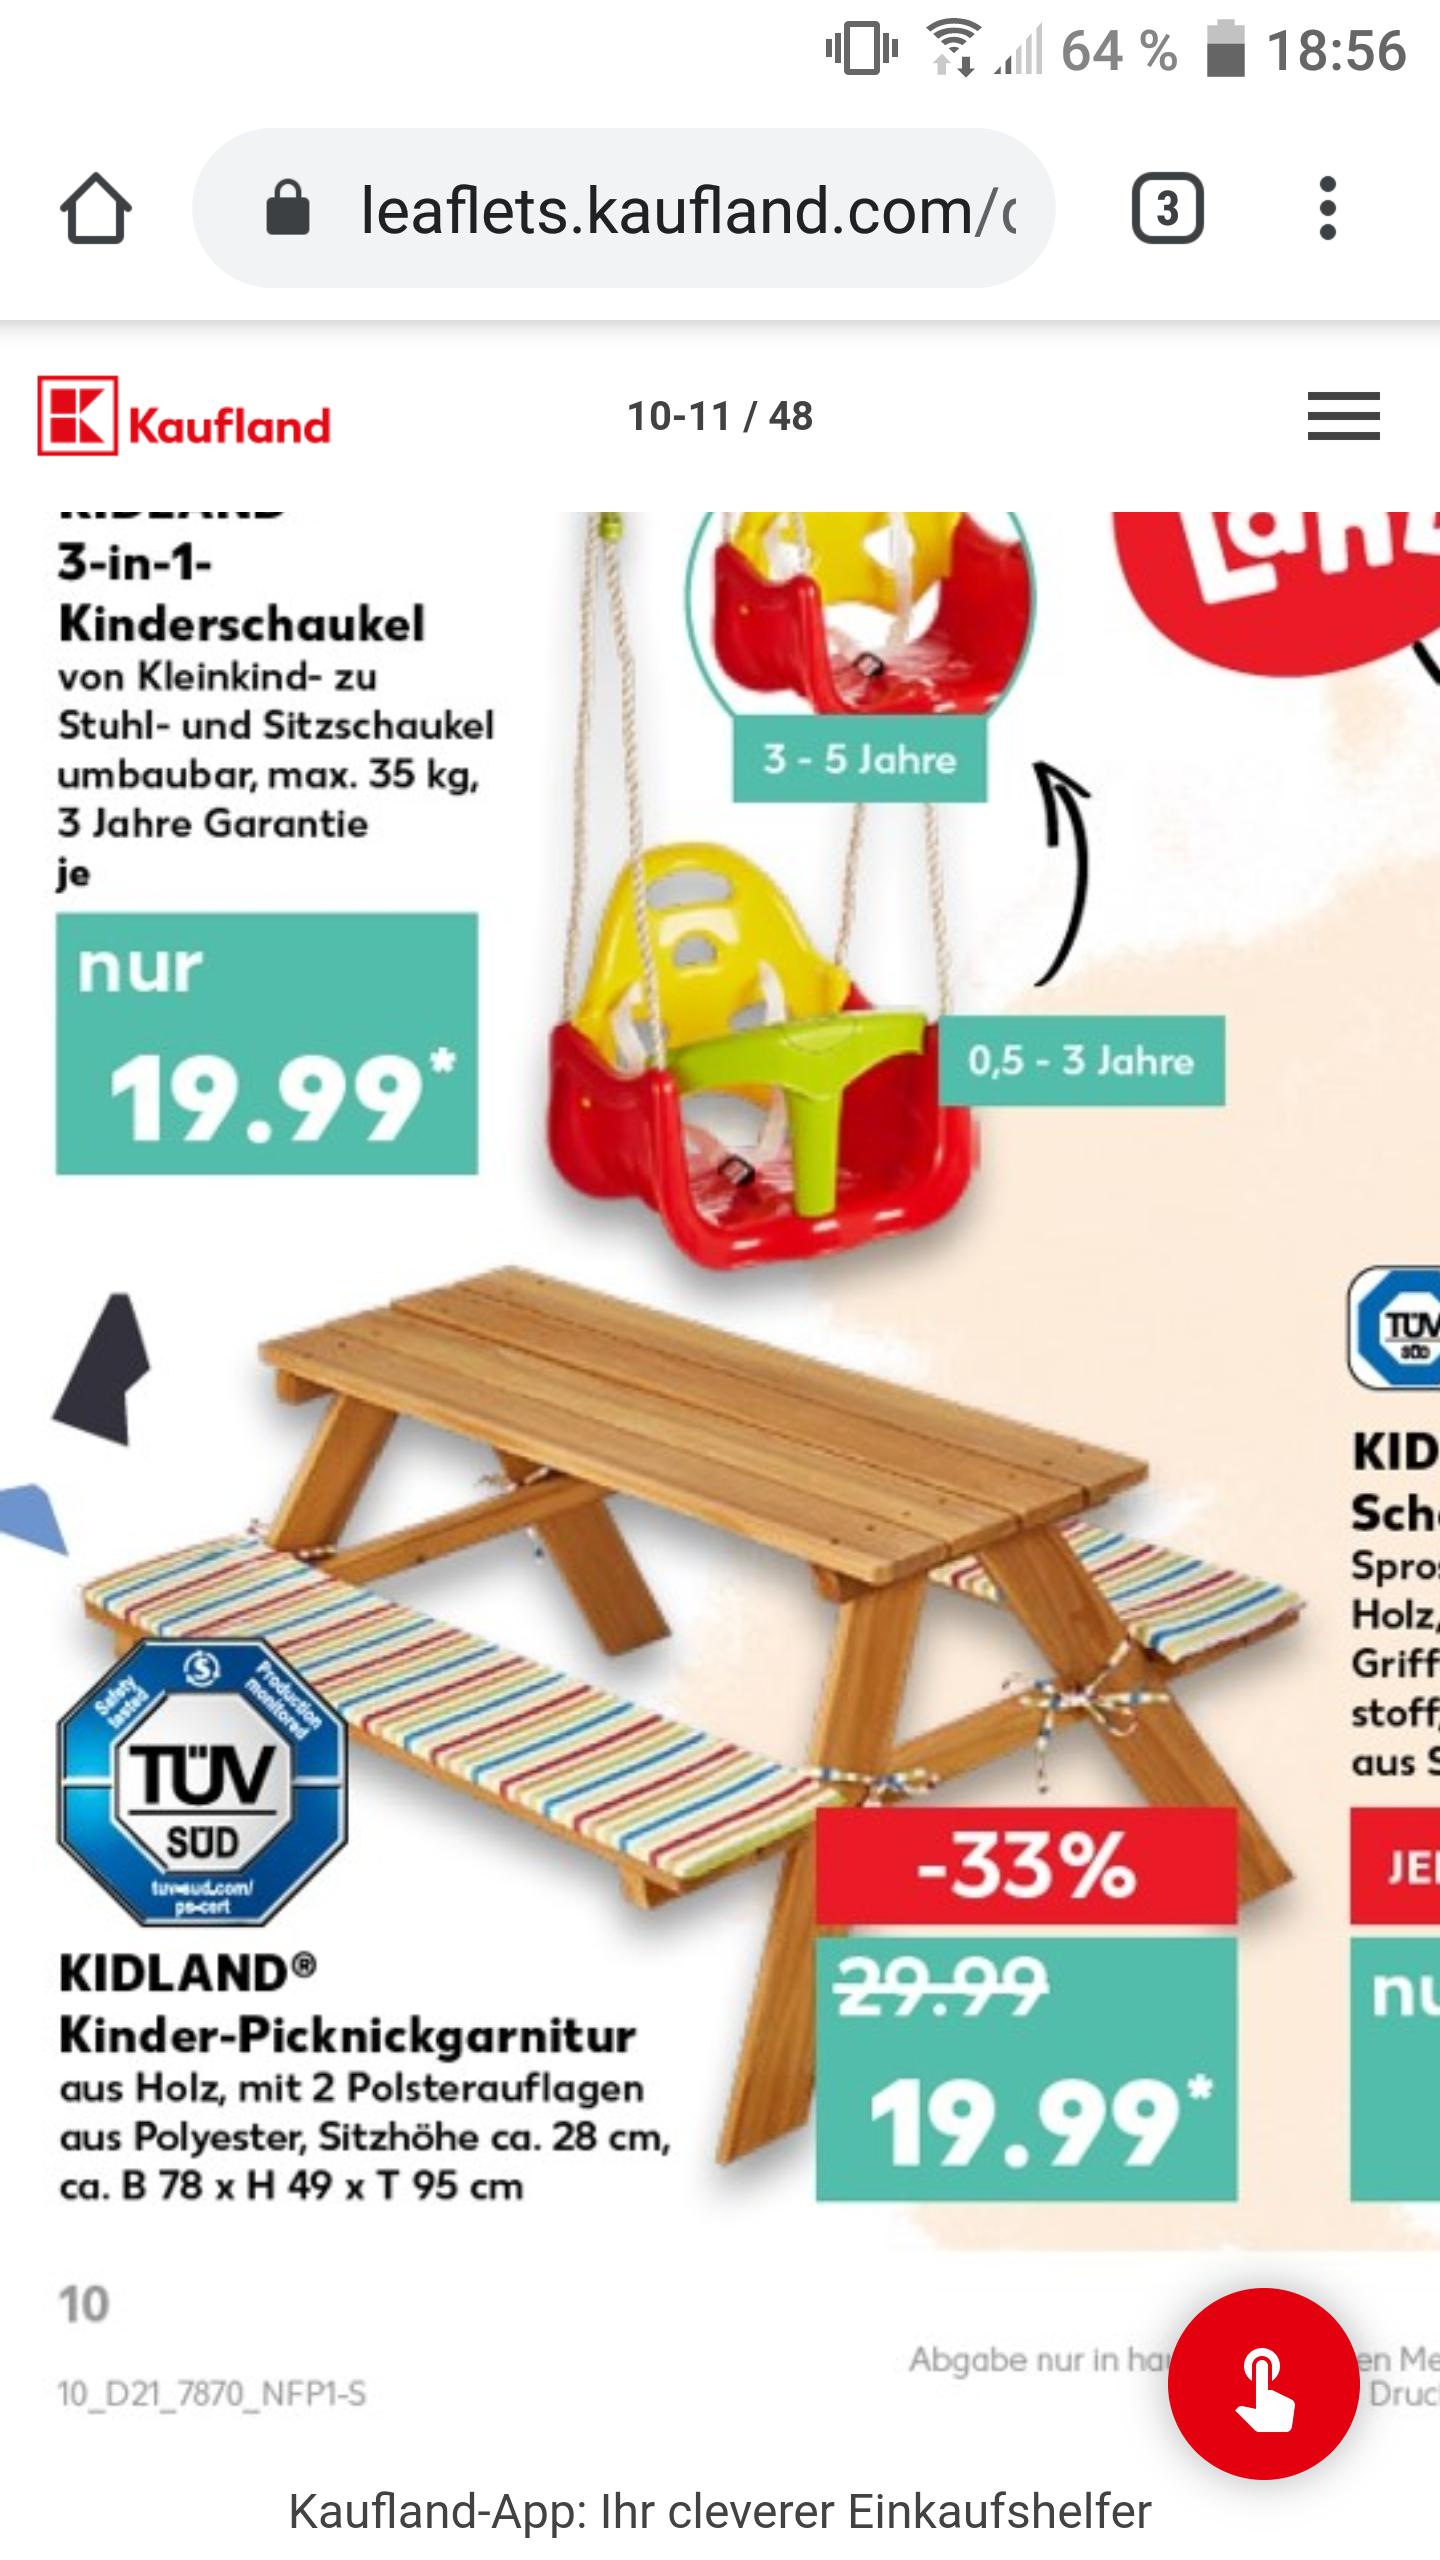 Kaufland Kindertischgarnitur Picknickgarnitur mit 2 Polsterauflagen